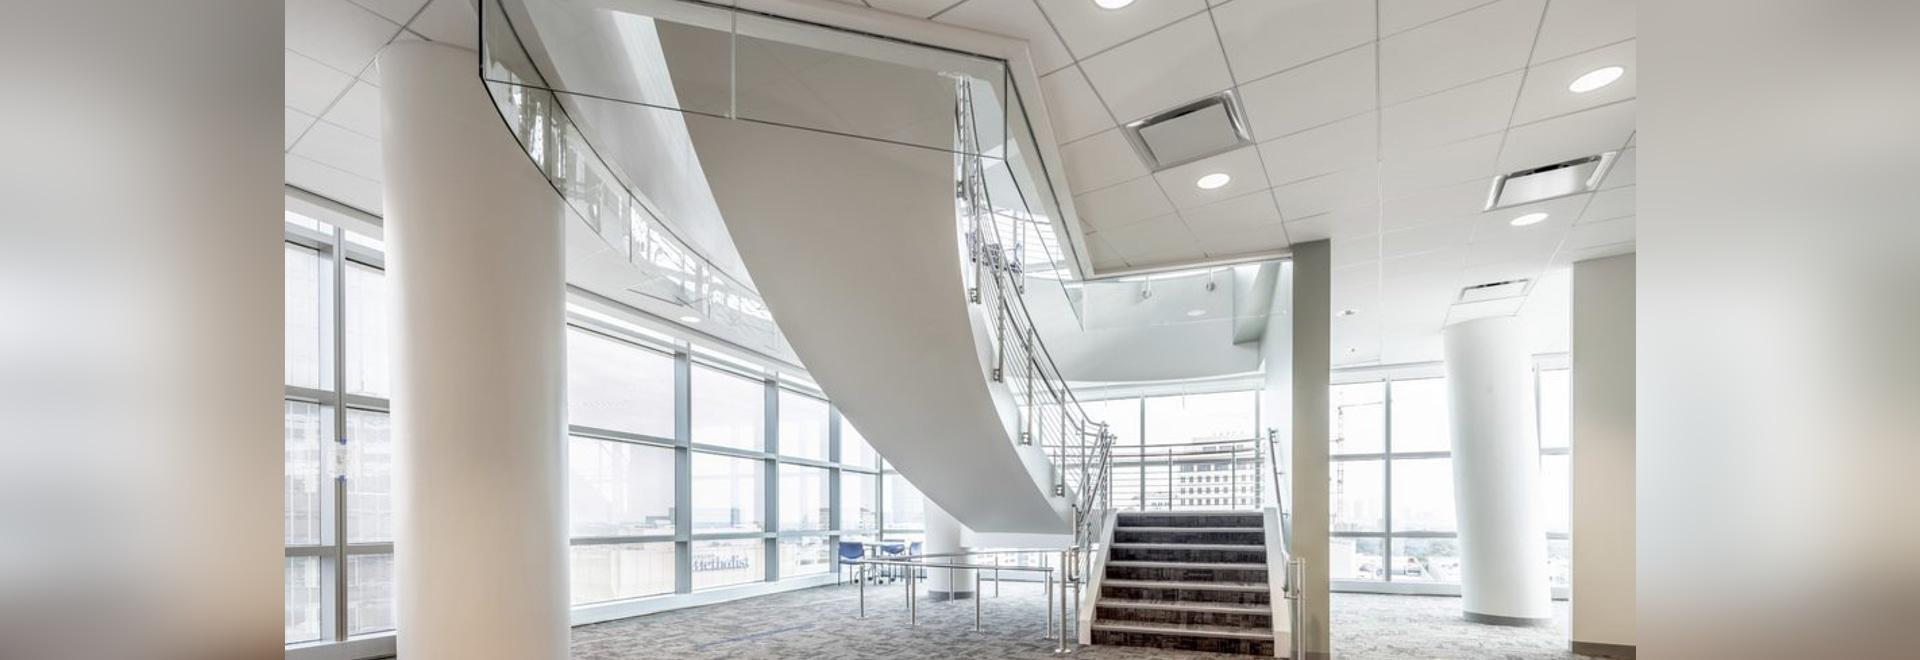 Istituto di ricerca neurologico all'ospedale di Texas Children completo